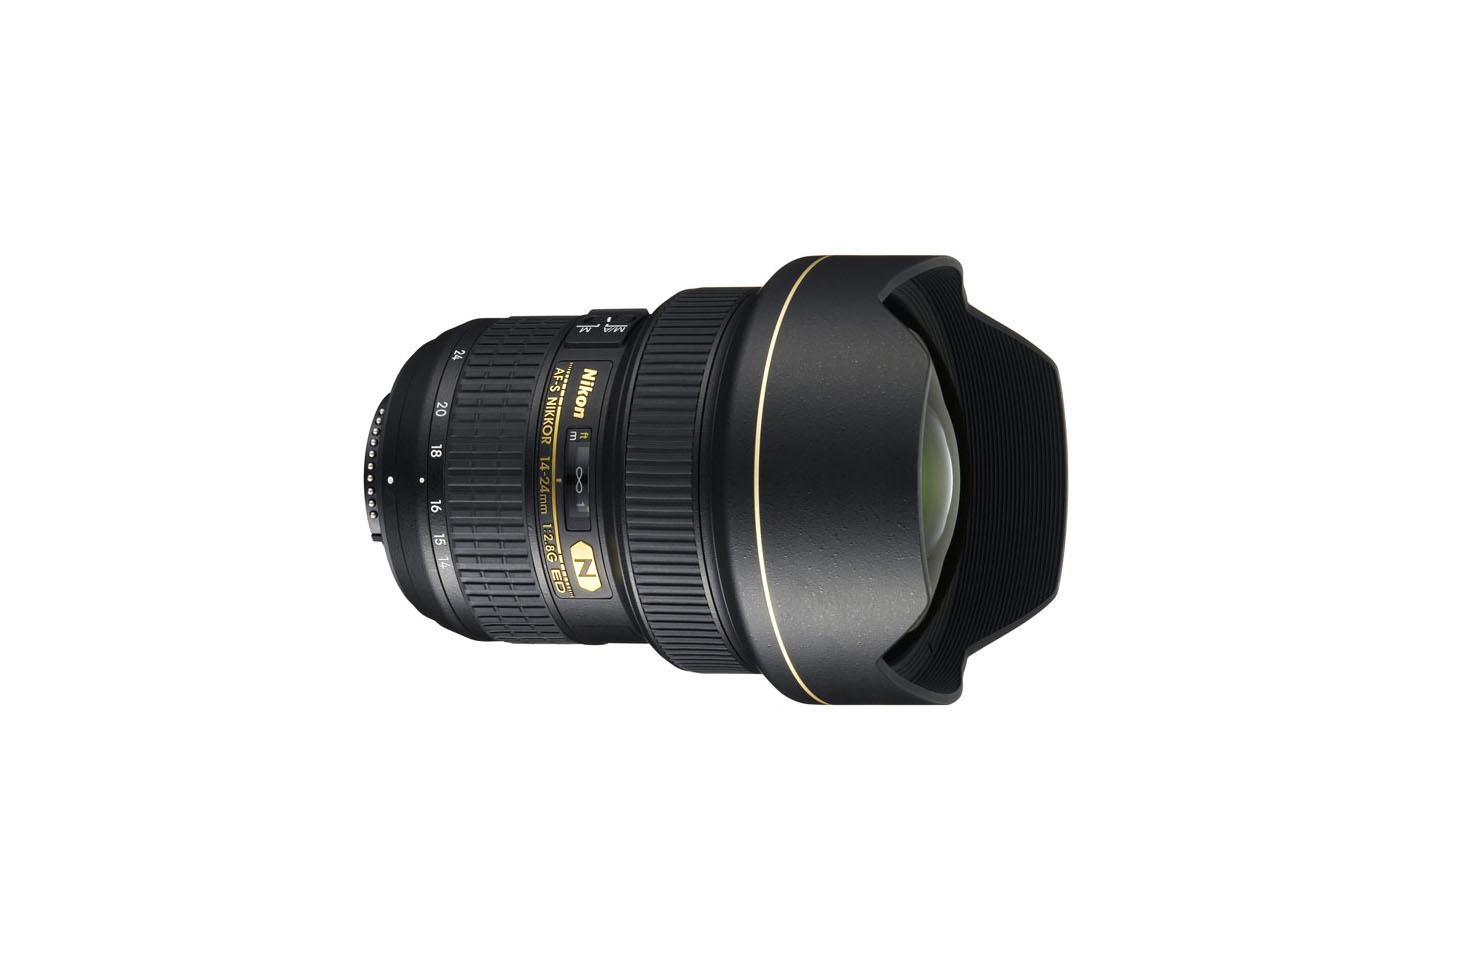 لنز Nikon AF-S 14-24mm f/2.8 G ED